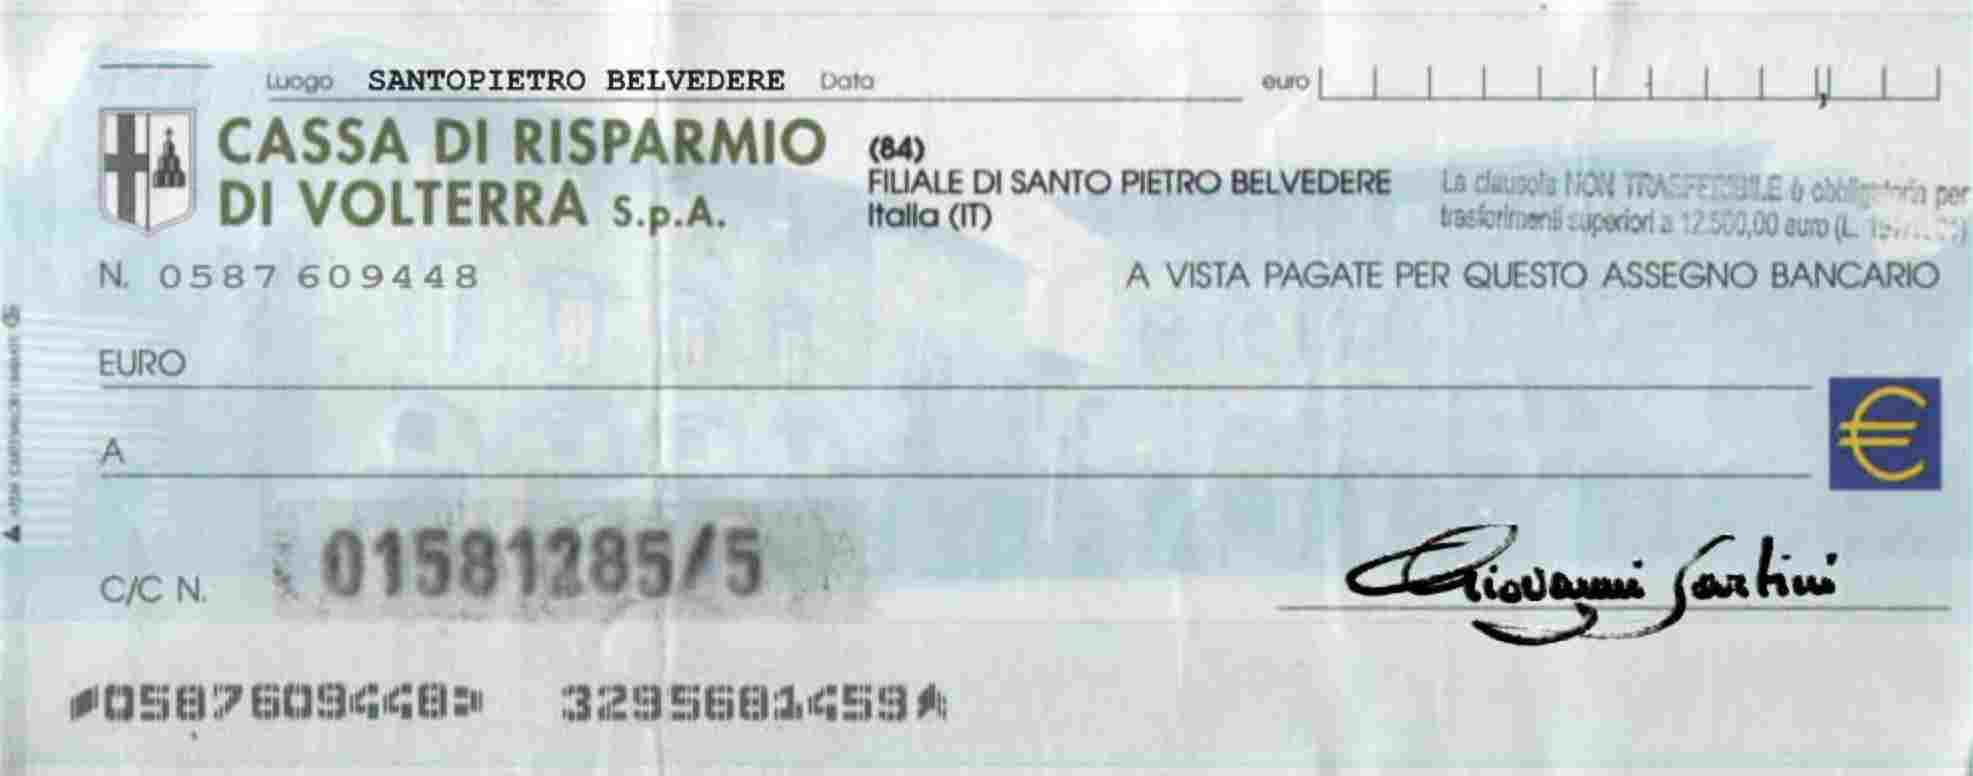 Per non pagare l'assegno, ne denuncia lo smarrimento: condannato per calunnia